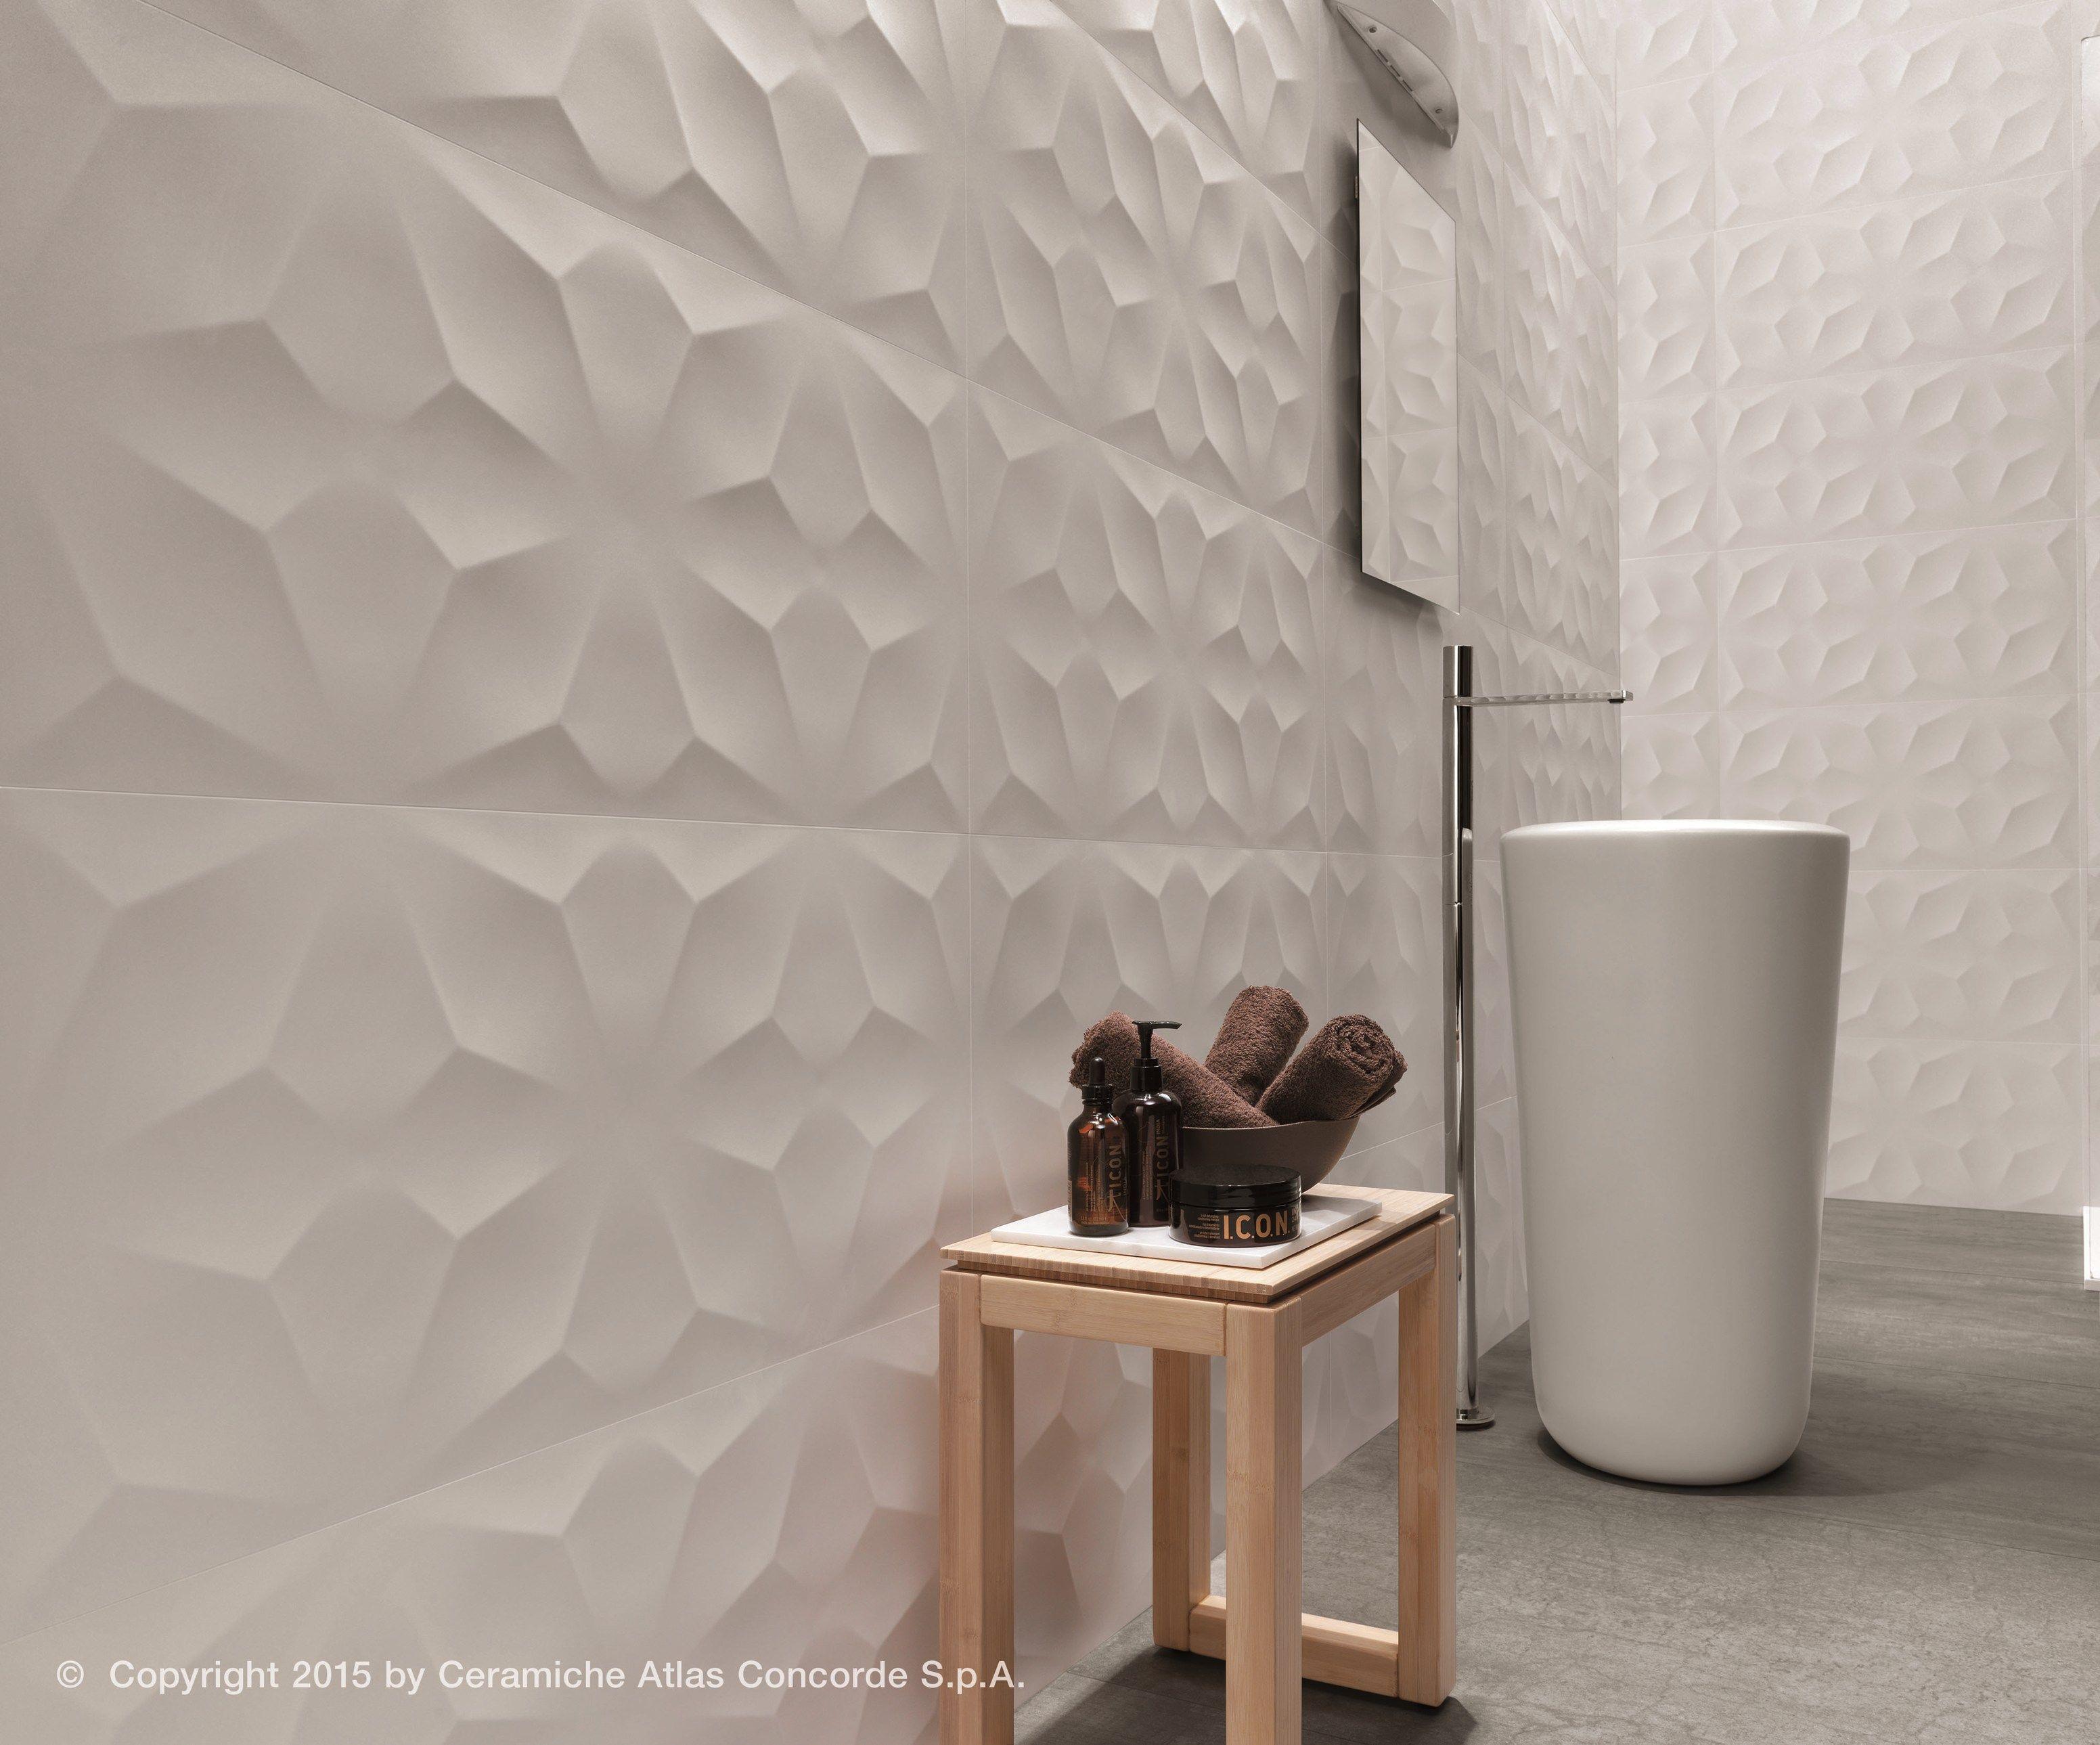 Rivestimento tridimensionale in ceramica a pasta bianca diamond collezione rivestimenti in pasta - Rivestimenti bagno design ...